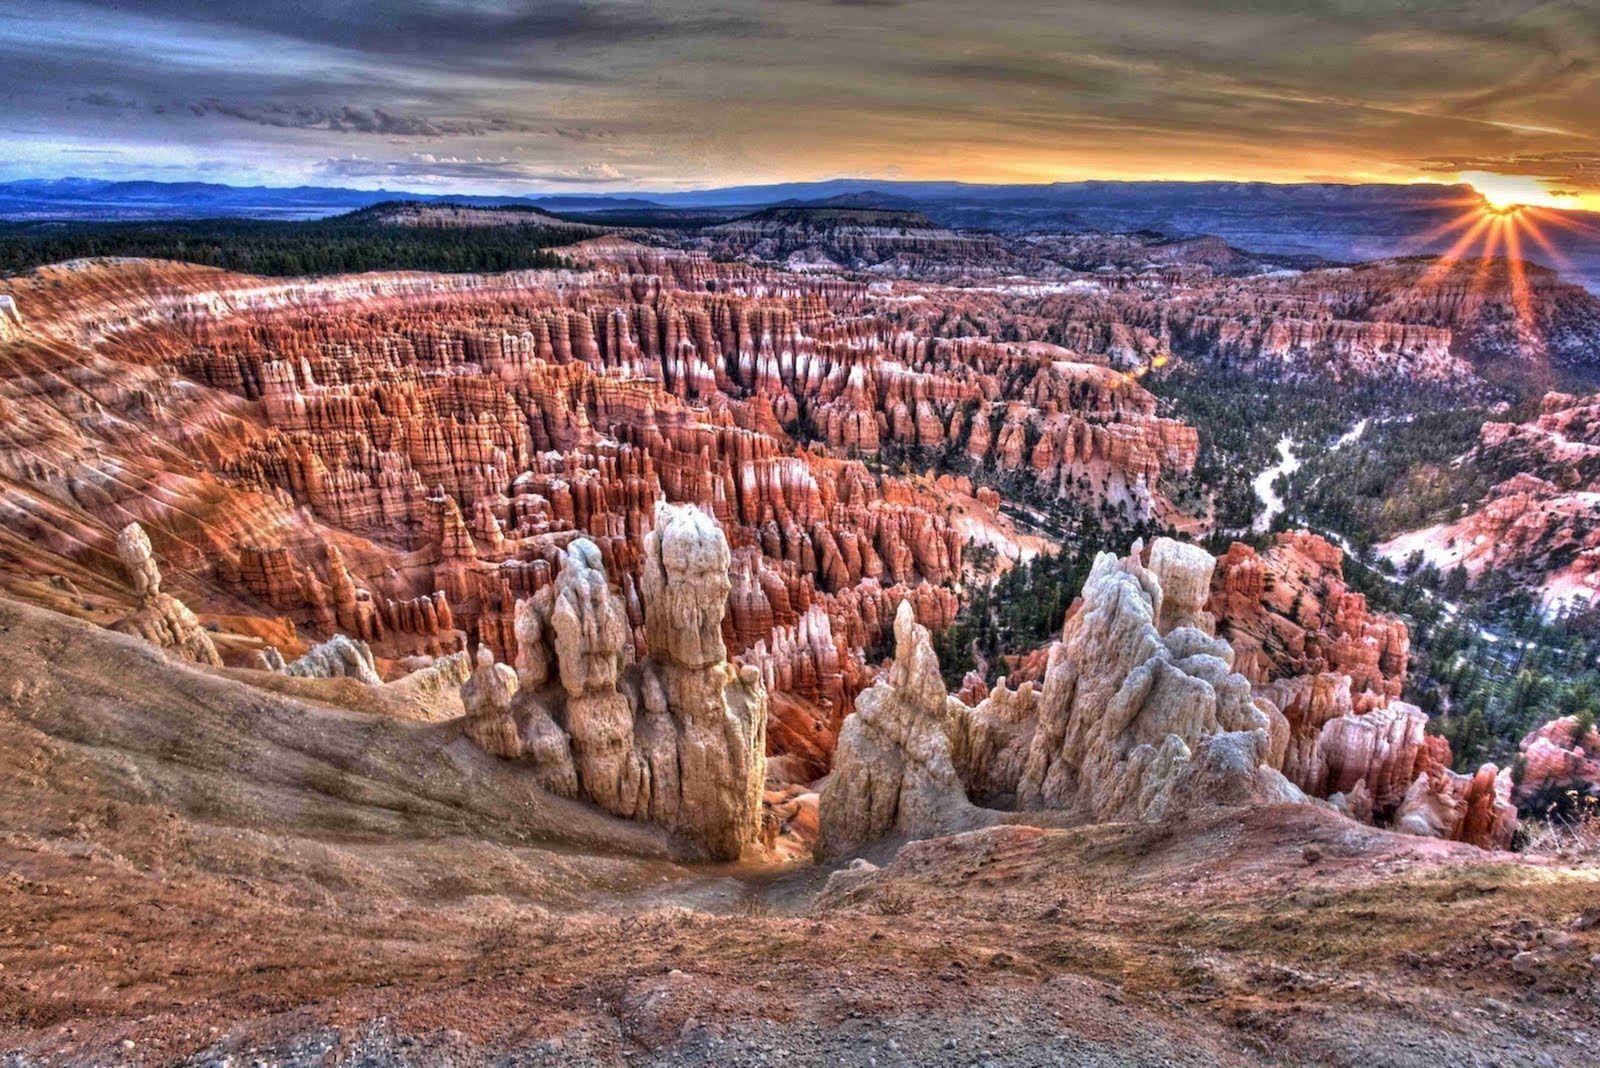 Parque Nacional de Bryce Canyon (National Park Bryce Canyon)